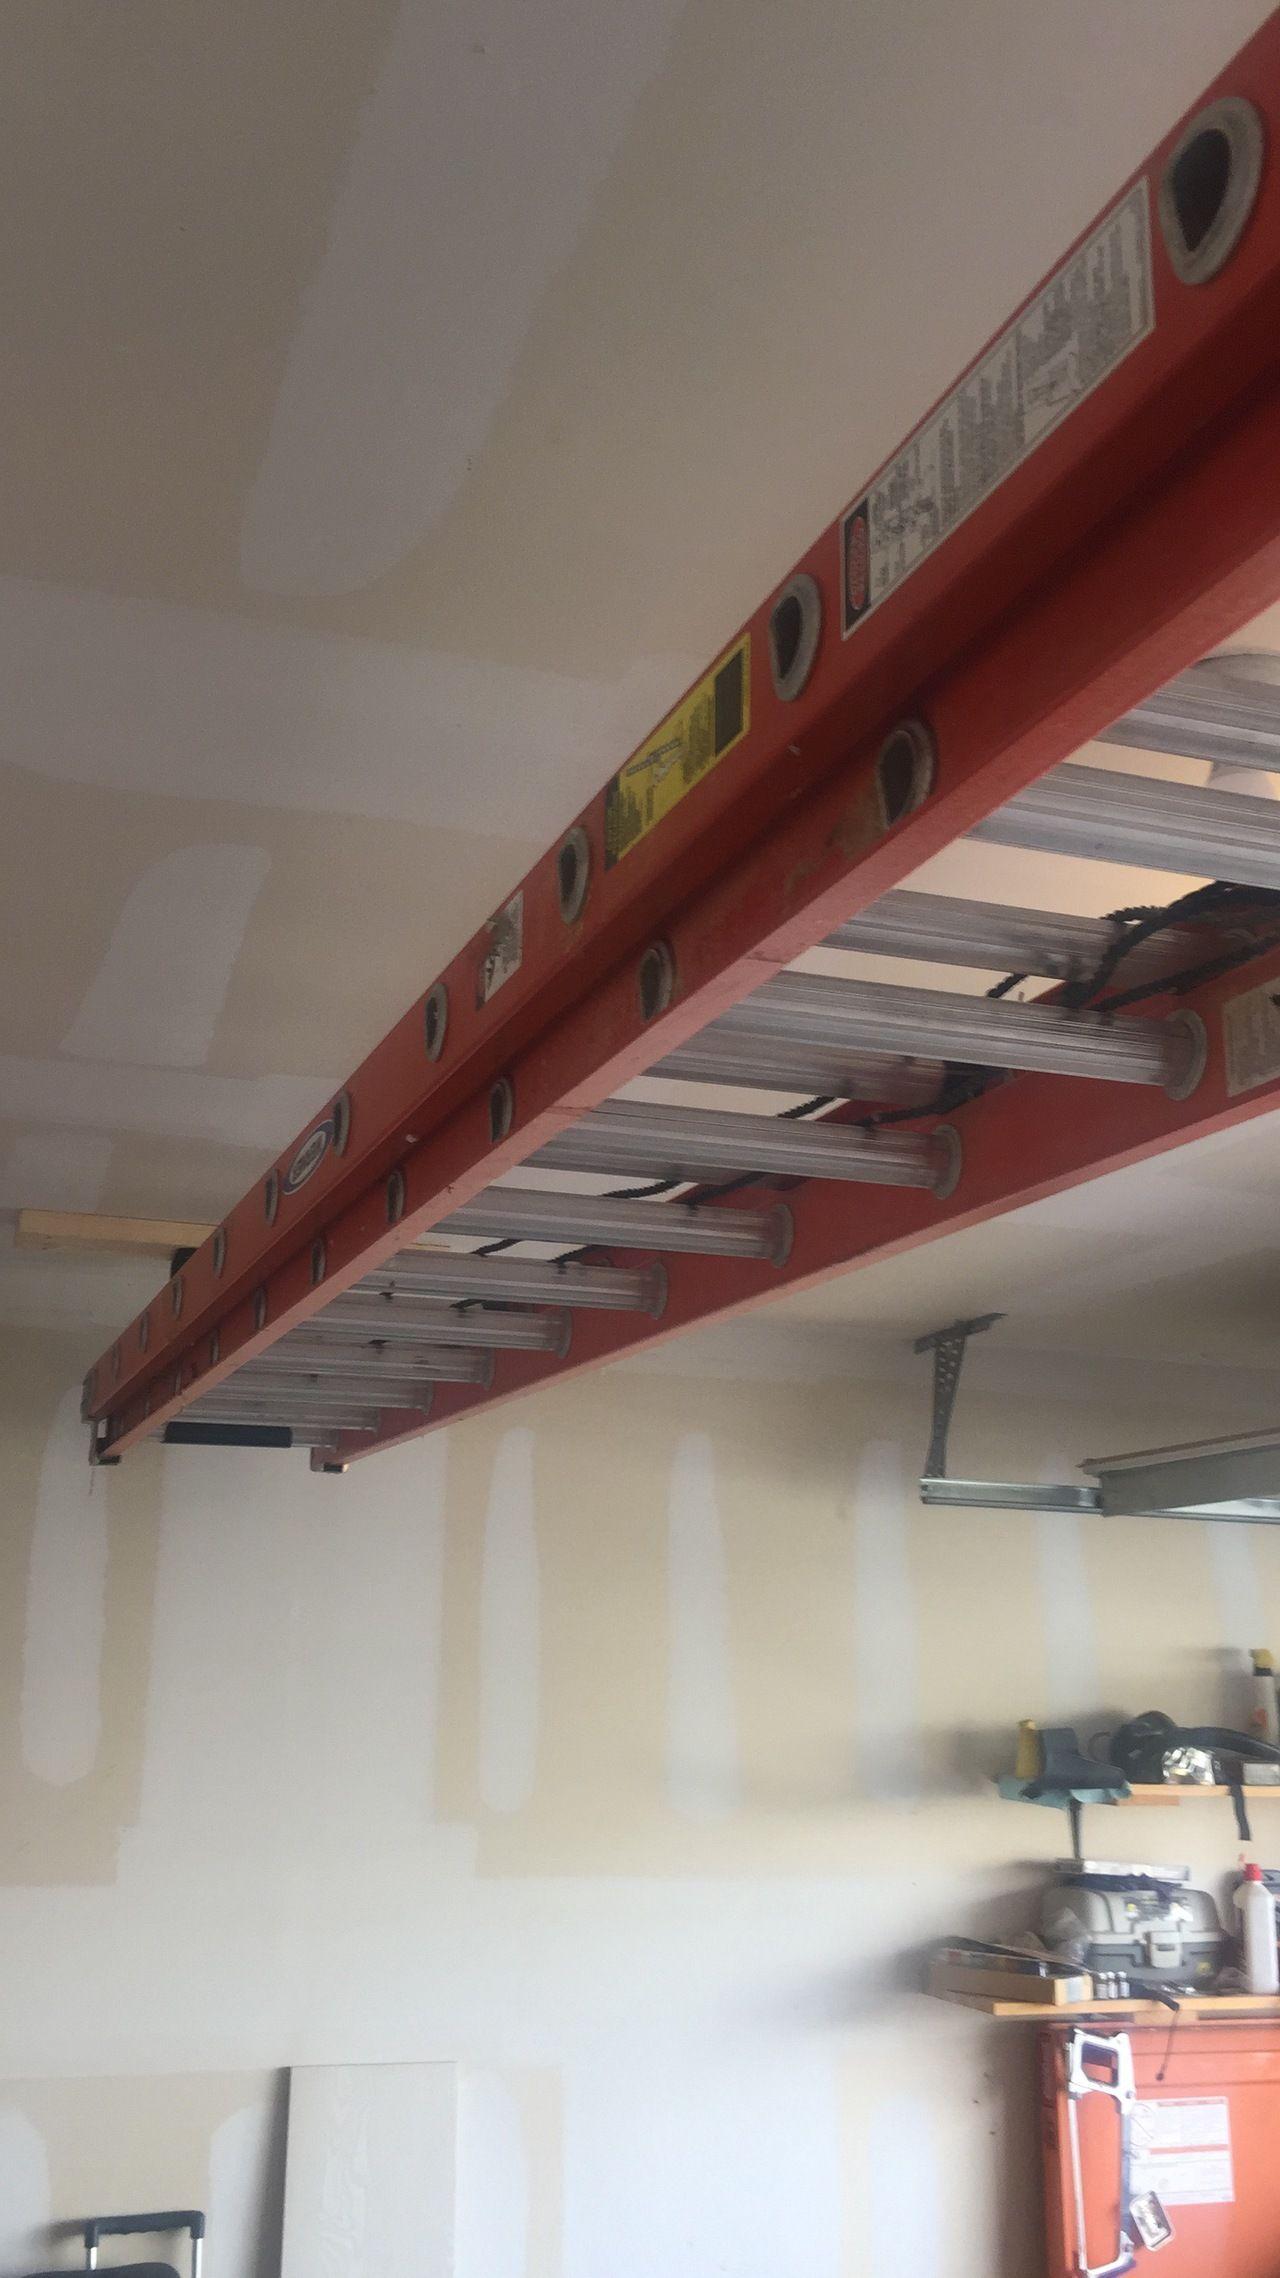 Ceiling Ladder Rack Garage Storage Overhead Garage Storage Garage Storage Bins